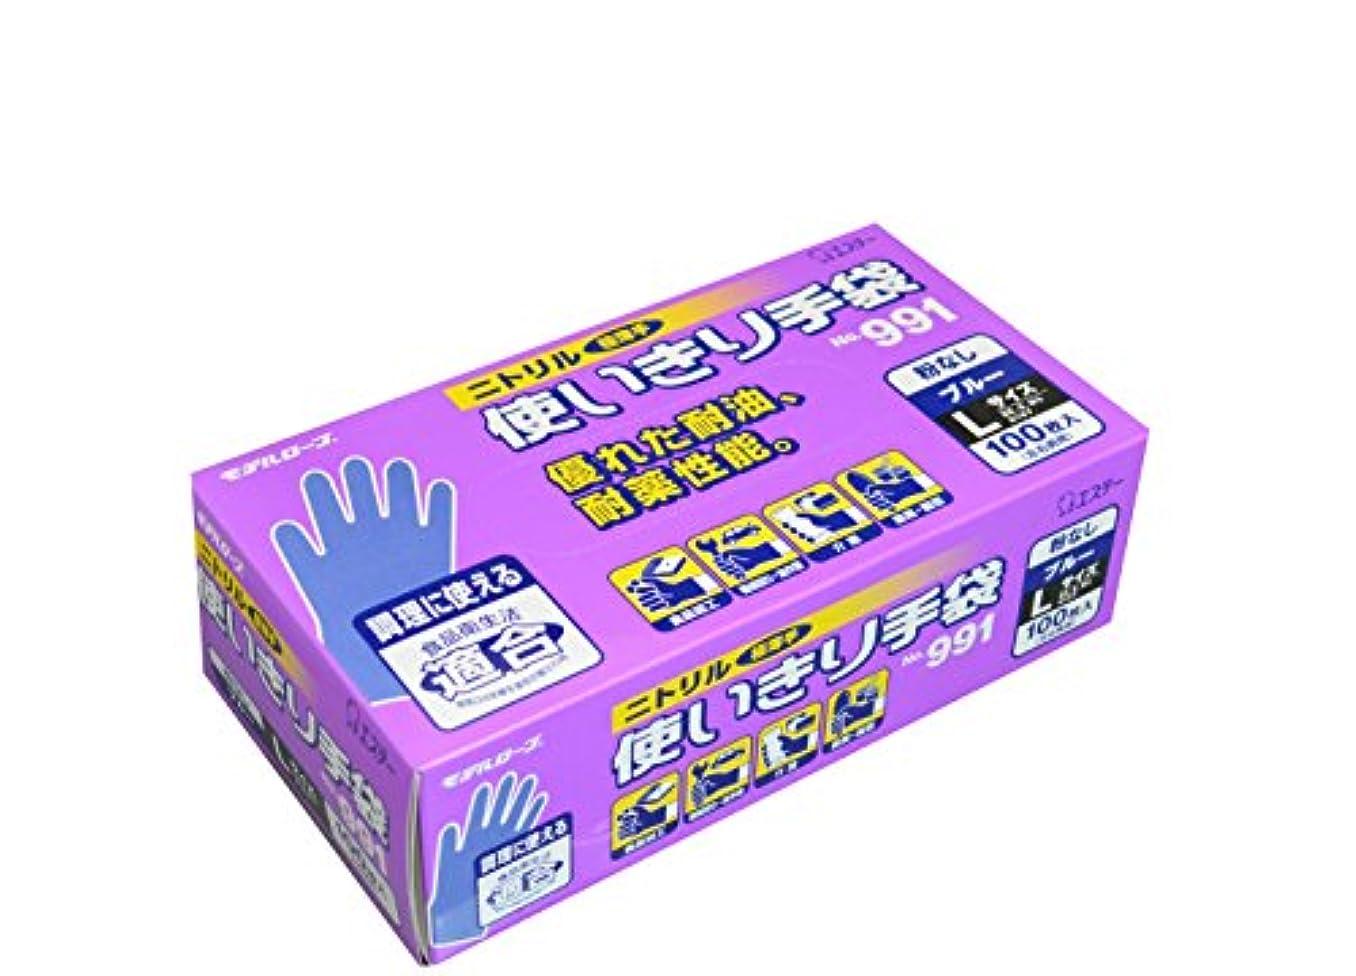 ペインティング実行可能蒸発するモデルローブ NO991 ニトリル使い切り手袋 100枚 ブルー L